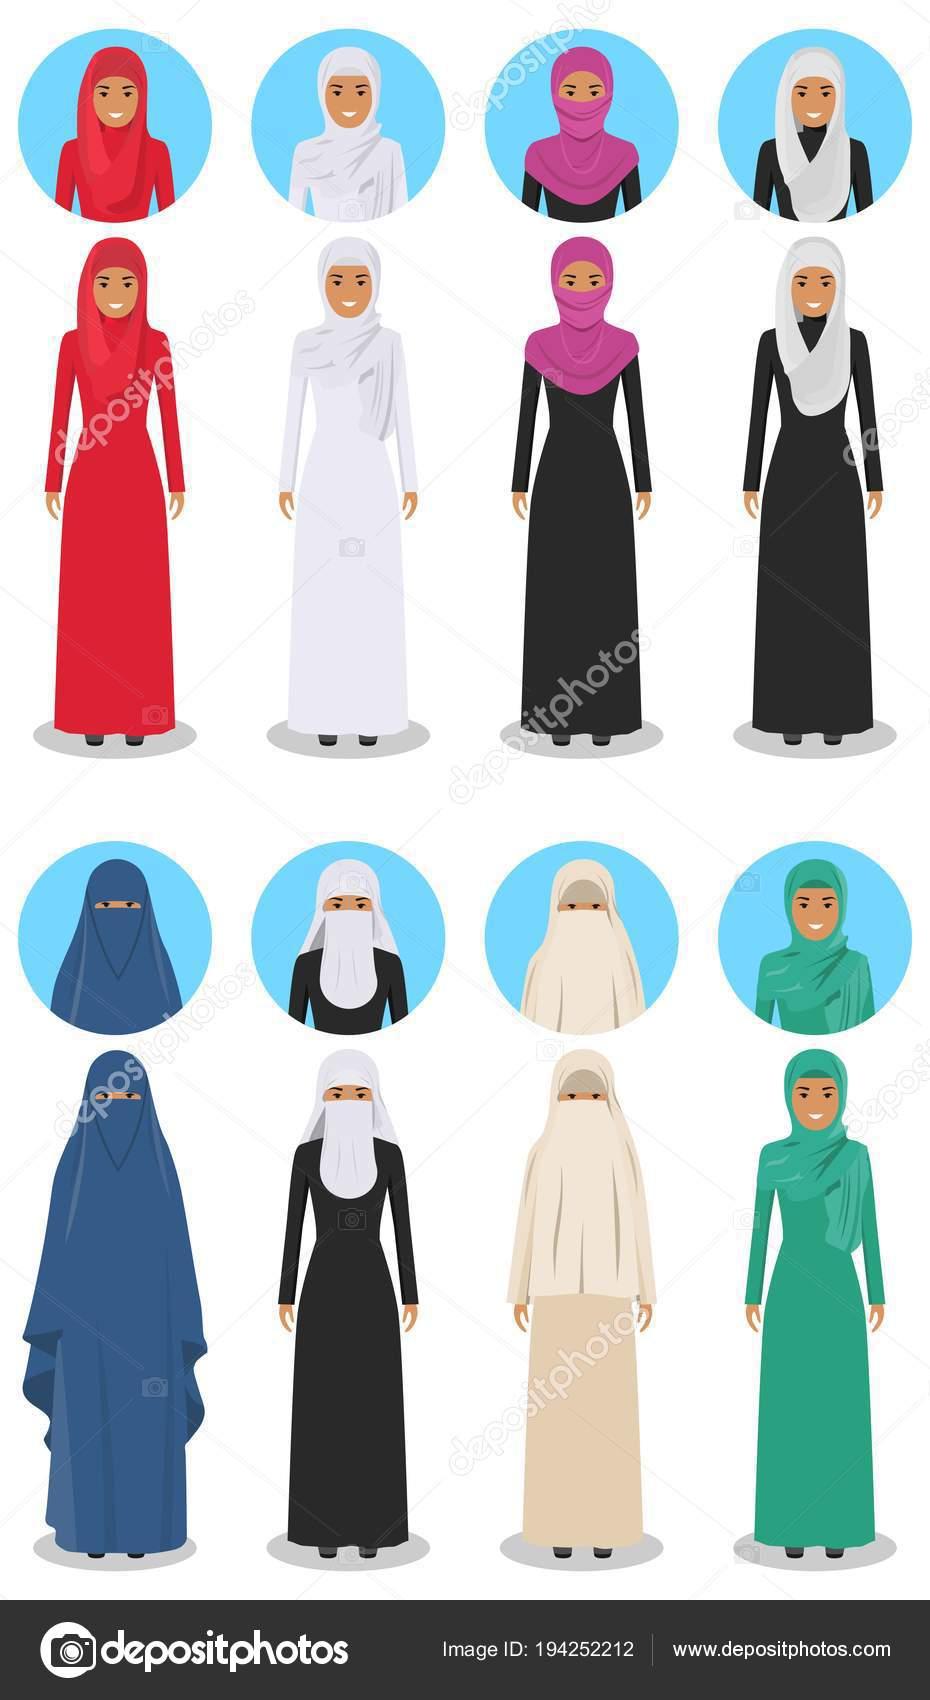 1e7cd513c8669 Concept social et familial. Illustration détaillée de femmes arabes  différentes commandes dans le vêtement musulman arabe traditionnel national  isolé sur ...